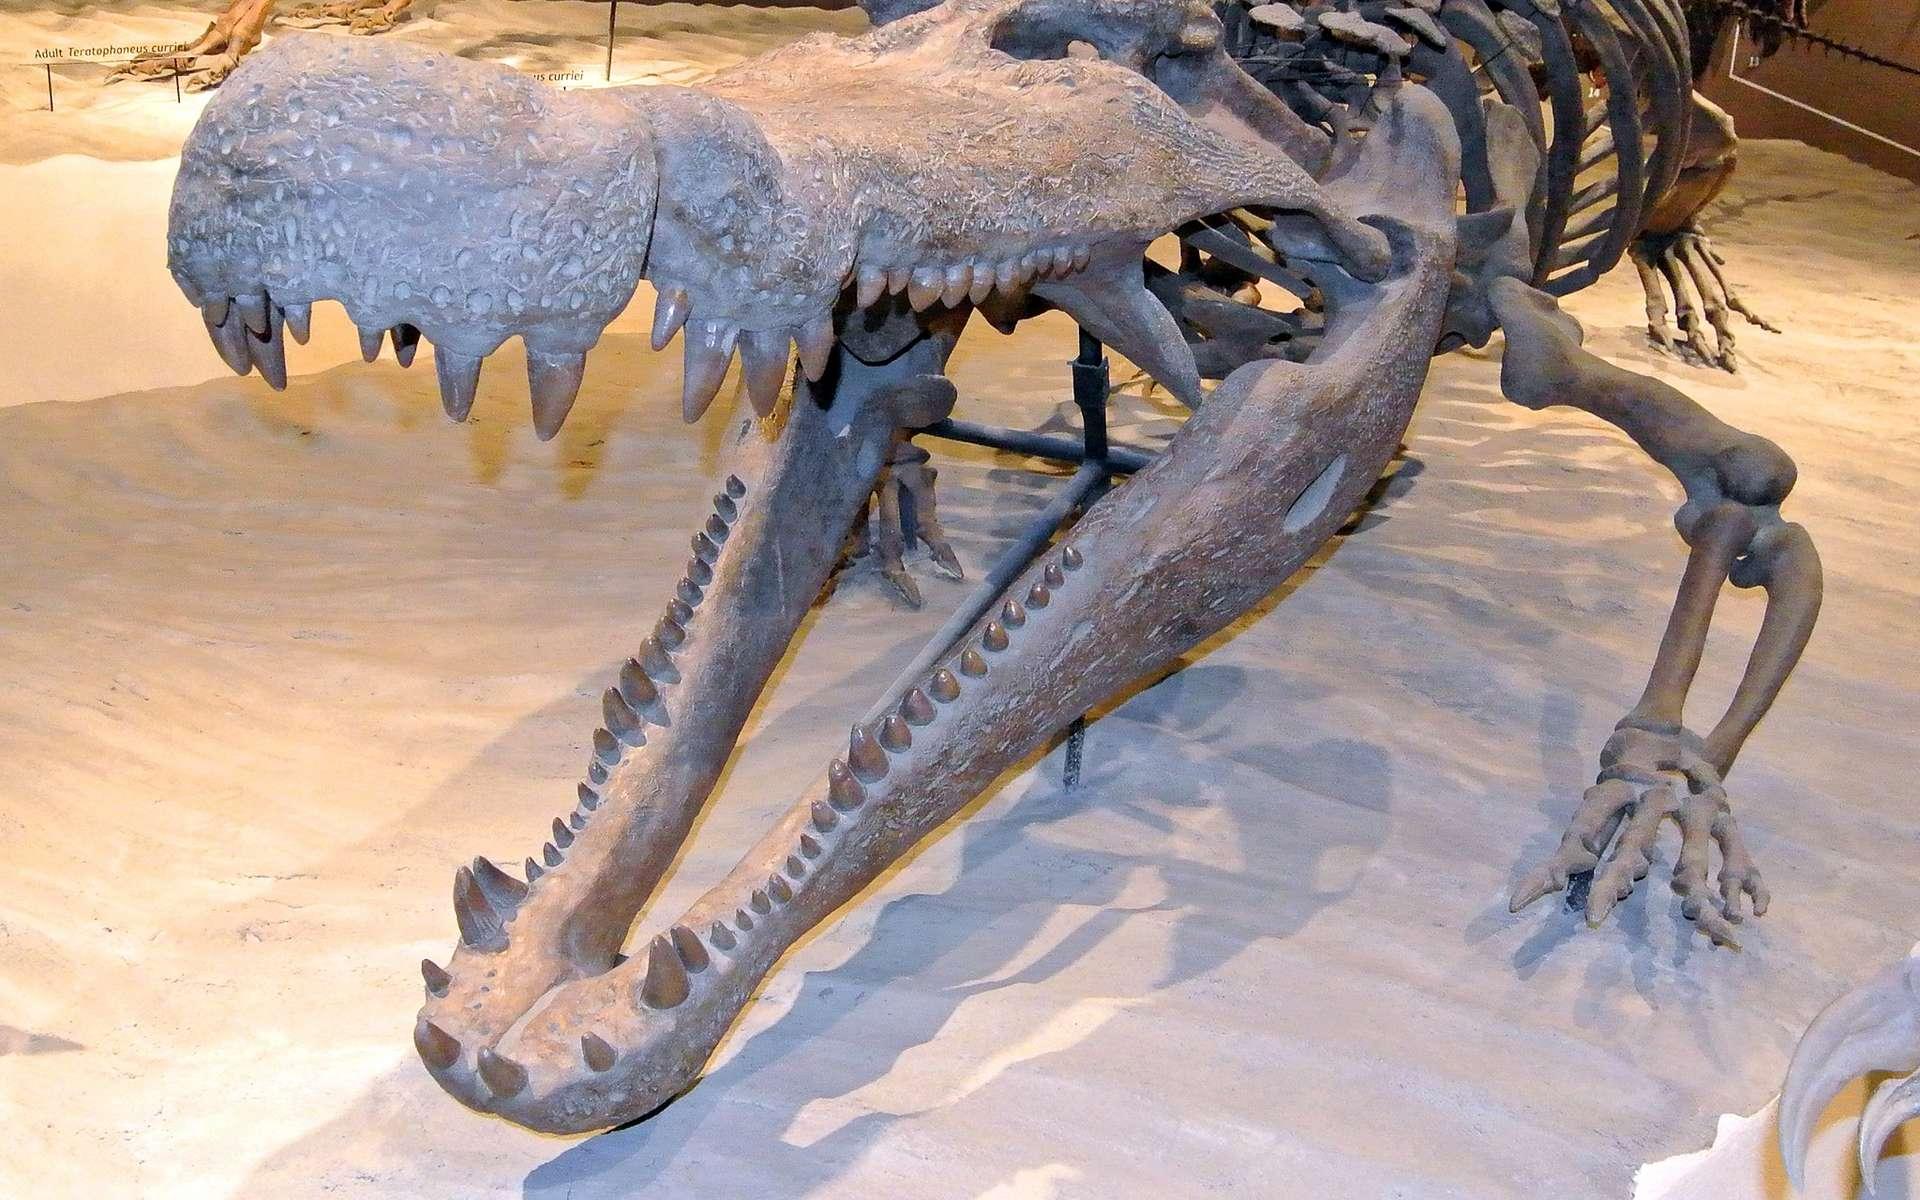 Un squelette de Deinosuchus hatcheri exposé au muséum d'histoire naturelle de l'Utah. © Domaine public